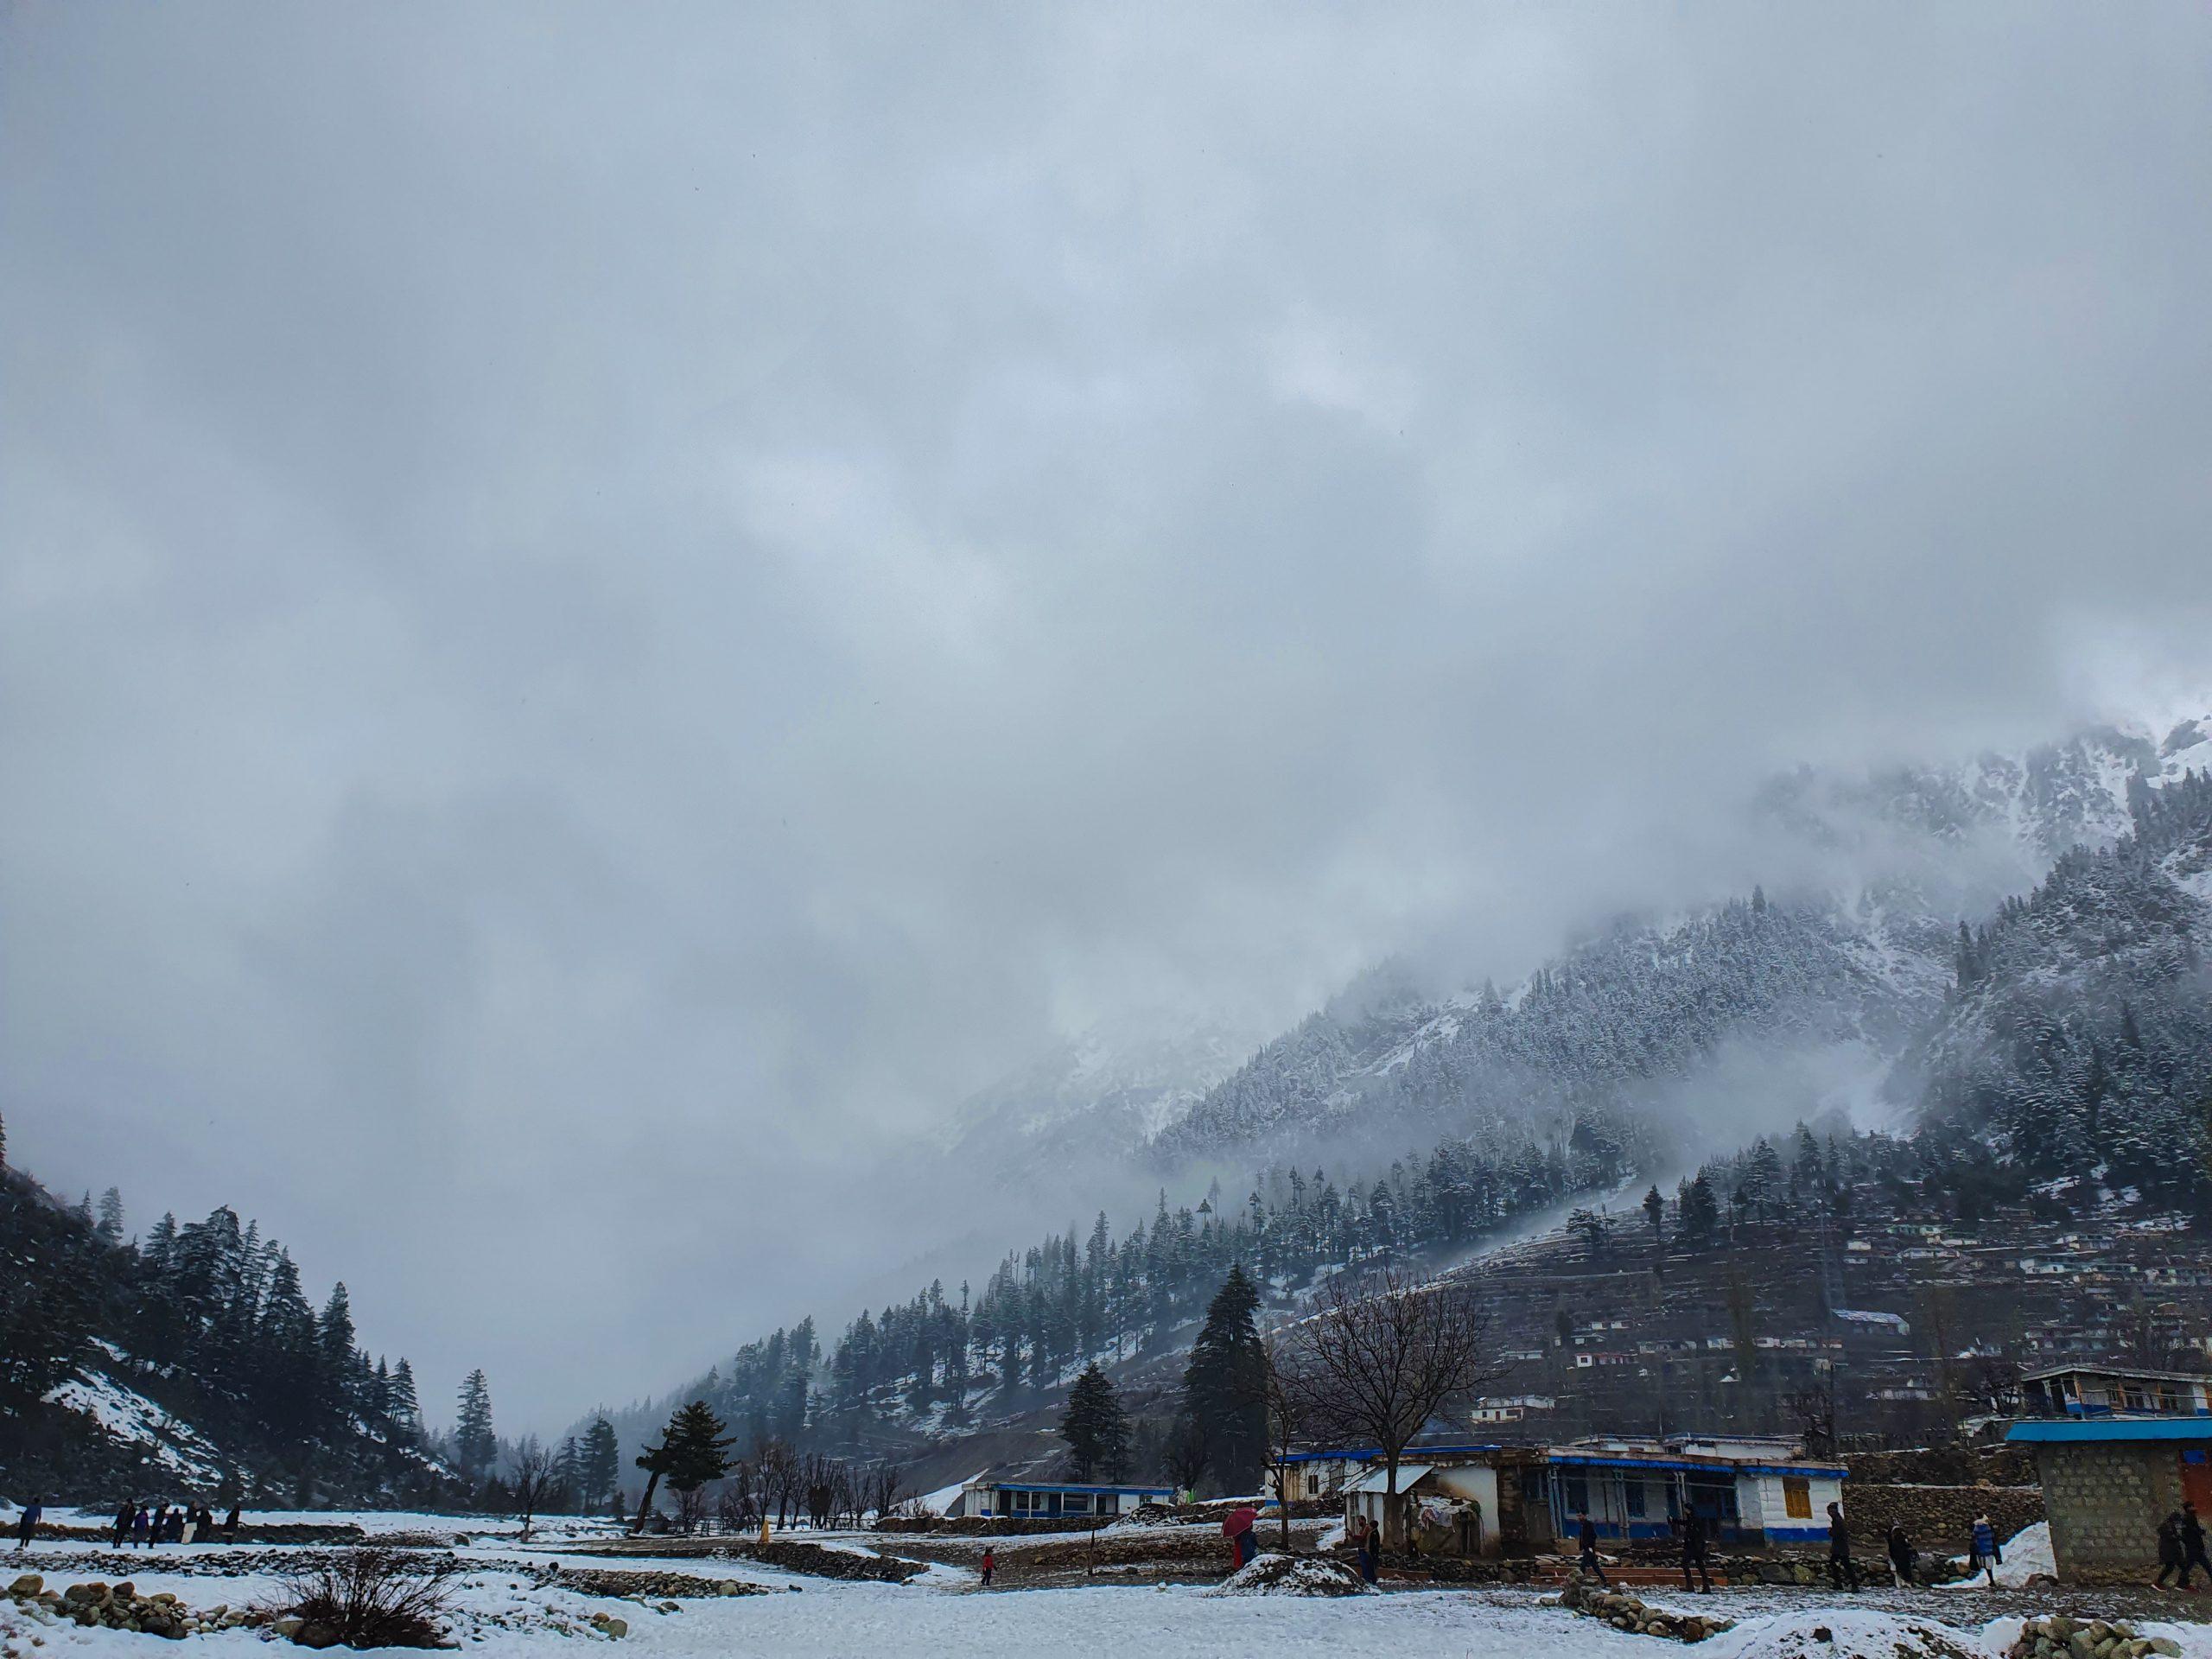 malam_jabba_snow-view-min